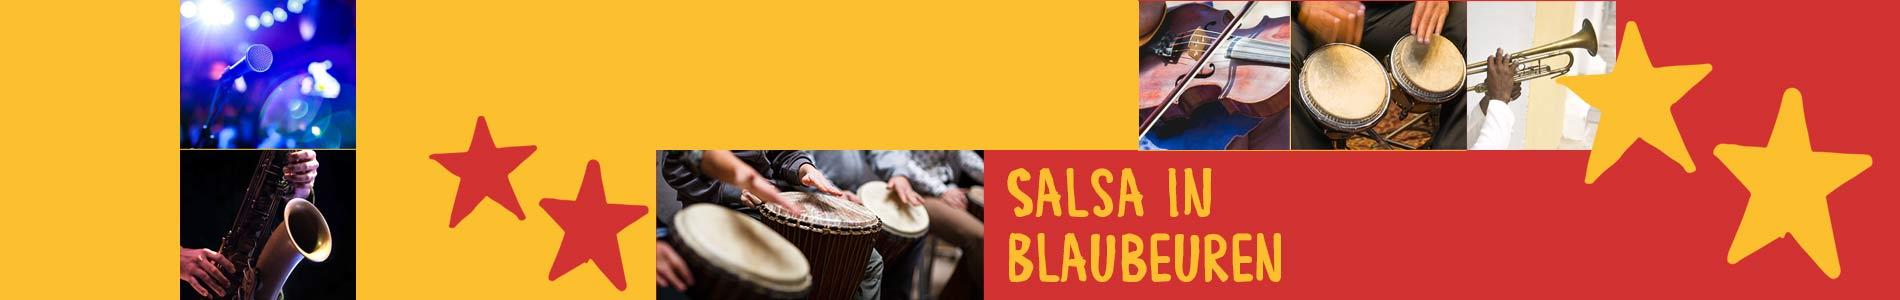 Salsa in Blaubeuren – Salsa lernen und tanzen, Tanzkurse, Partys, Veranstaltungen